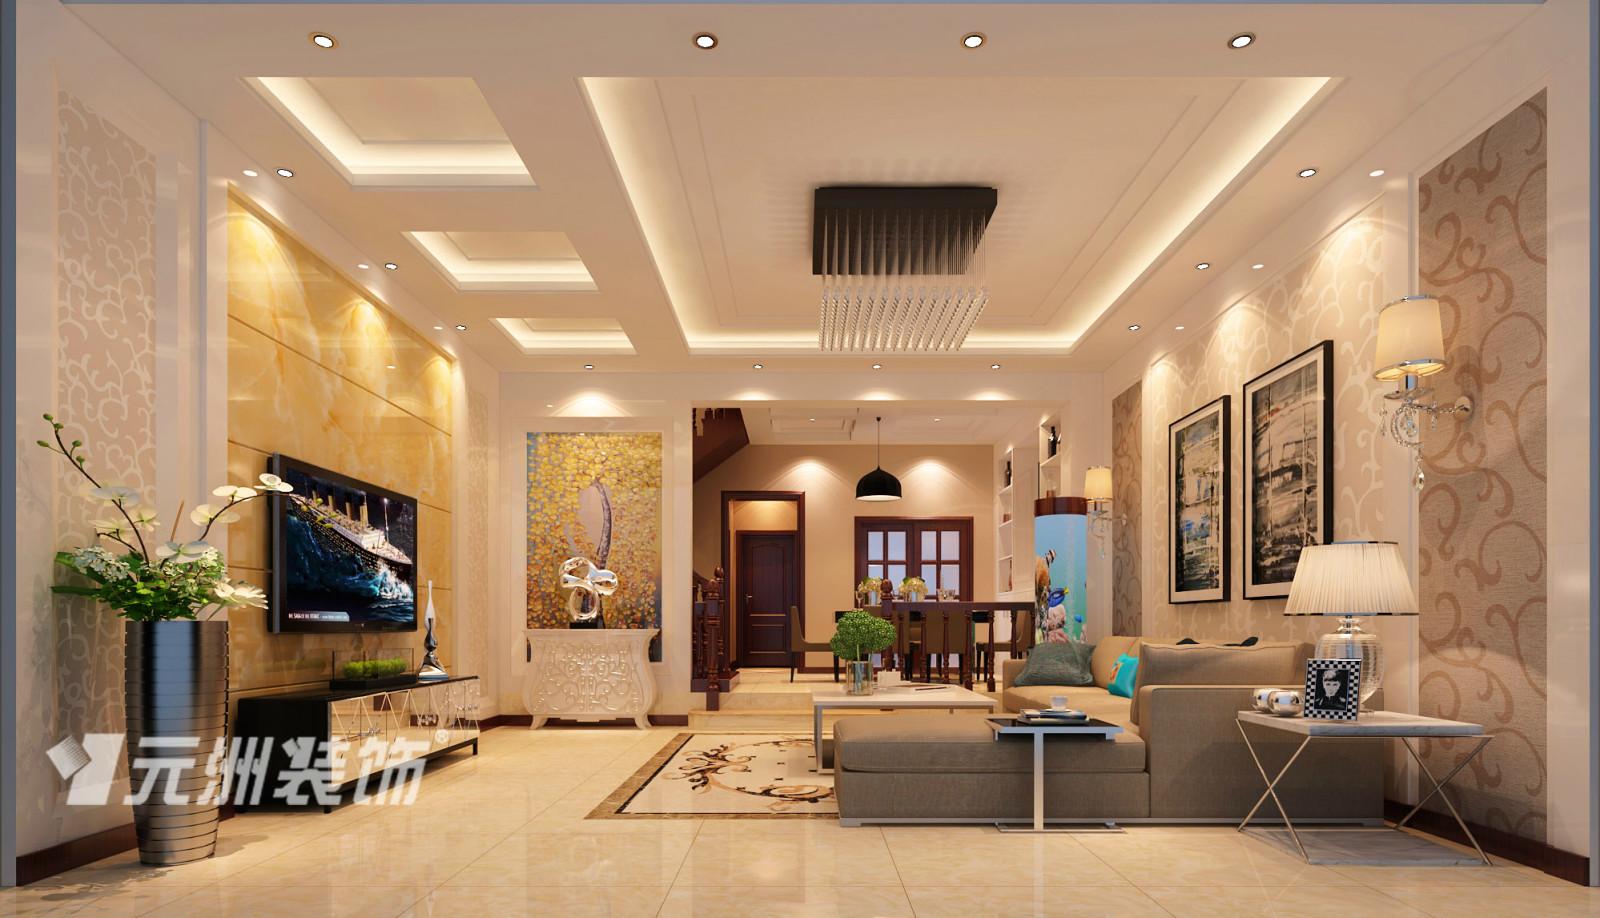 以大理石墙砖,护墙板材质为客厅,餐厅墙面主造型,沙发背景墙采用了图片